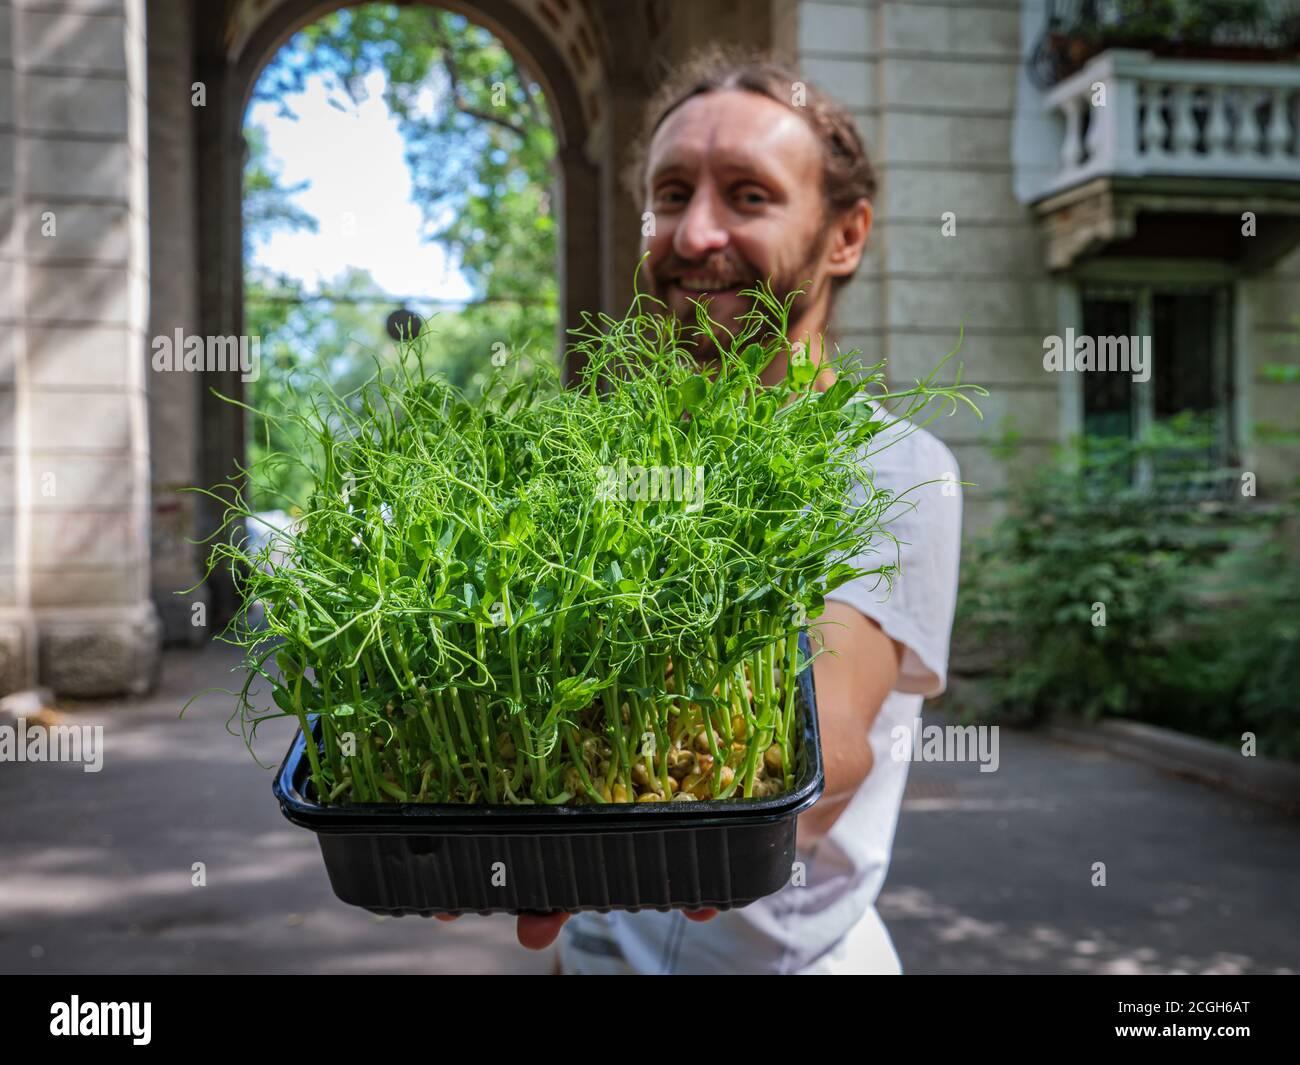 Le gars offre des microverts. Un gars joyeux pousse un récipient avec des microverts frais de pousses de pois Banque D'Images